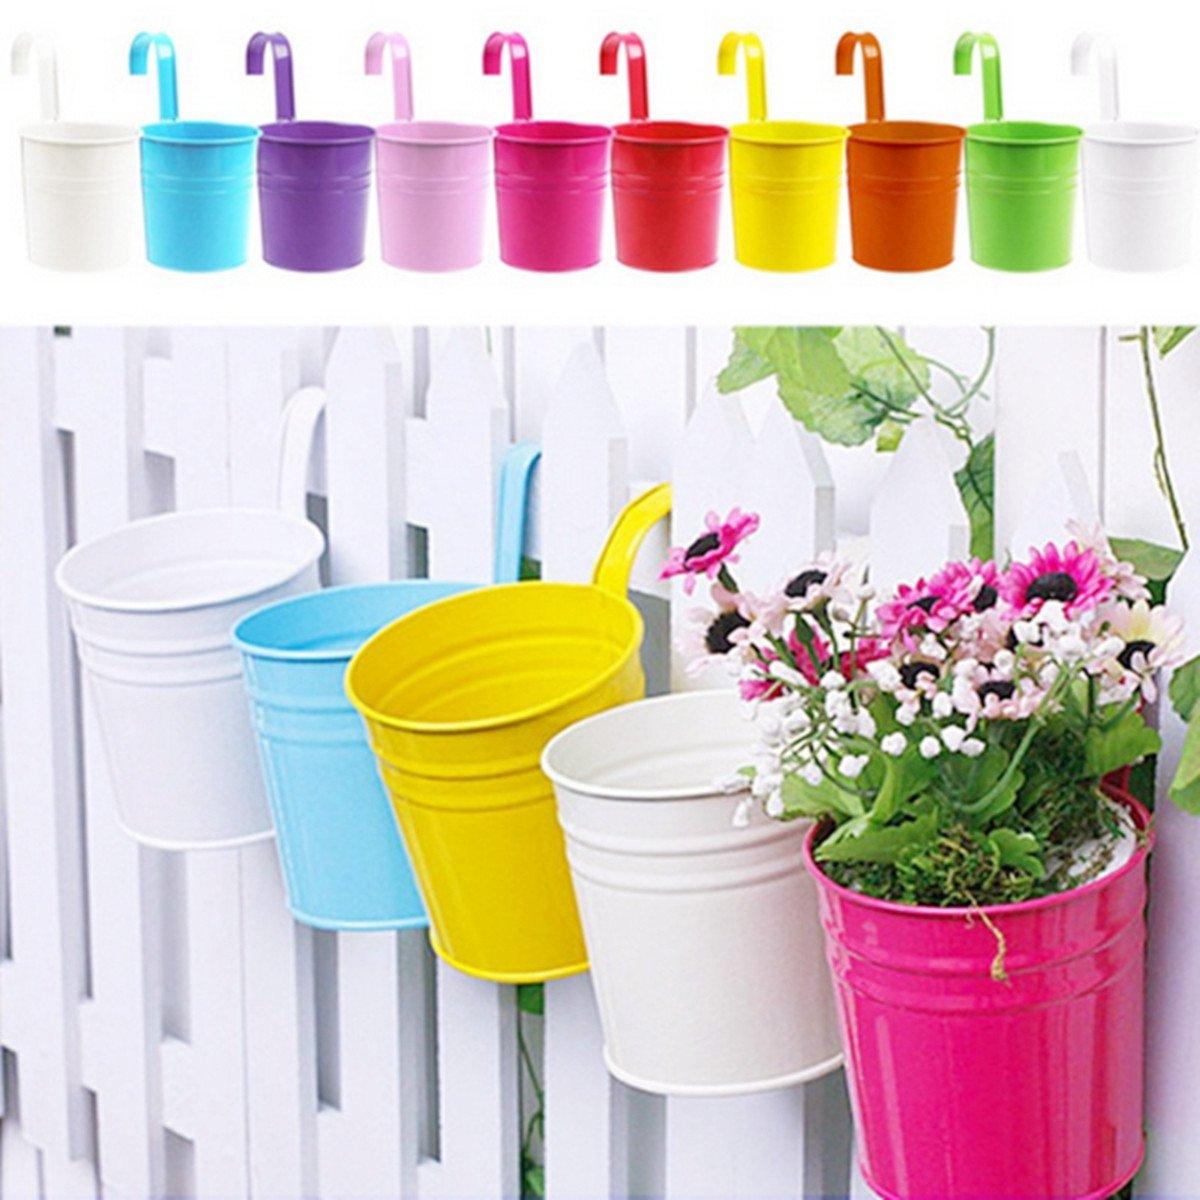 10 Pcs Pot /à Suspendre KING DO WAY 10 Pcs Pot /à Suspendre en Fer 10 Couleurs Pot Mural de Fleur Plante D/éco Balcon Jardin